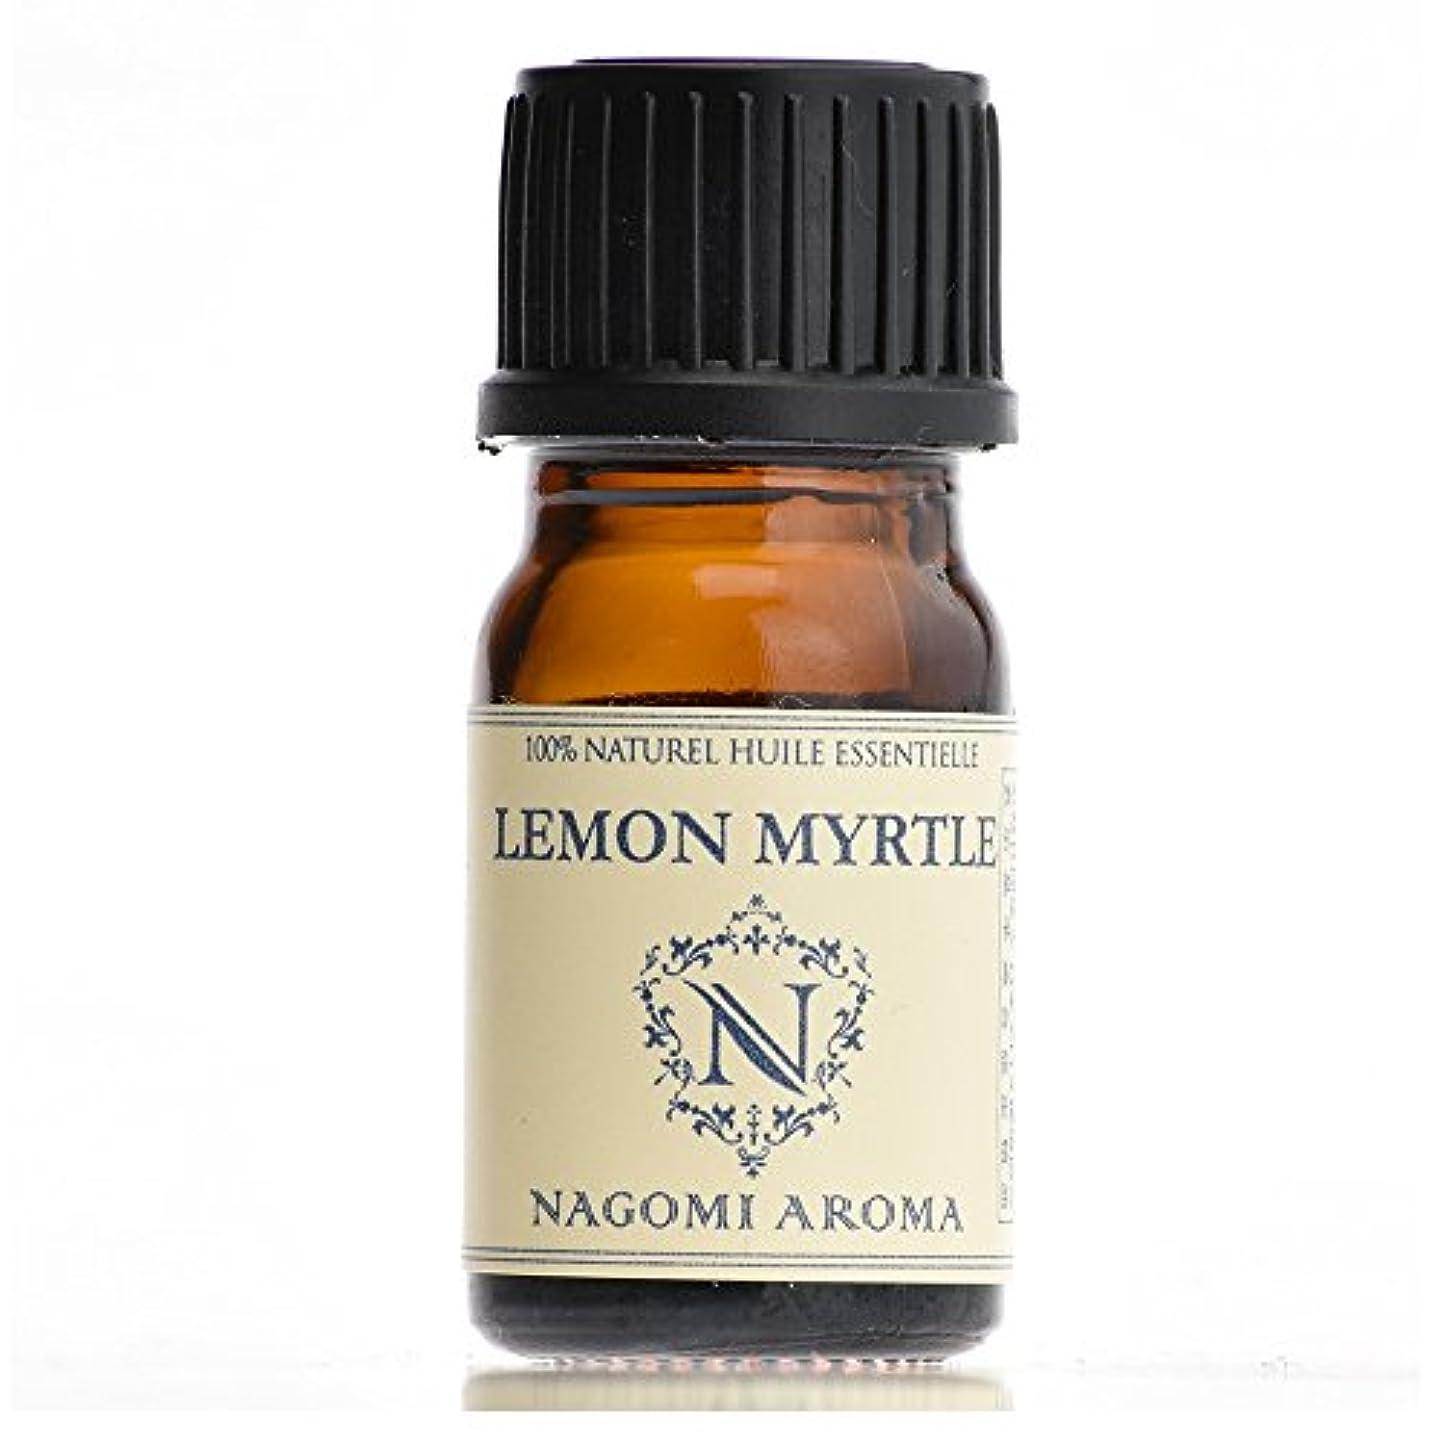 日没全員剛性【AEAJ認定表示基準認定精油】NAGOMI PURE レモンマートル 5ml 【エッセンシャルオイル】【精油】【アロマオイル】|CONVOILs